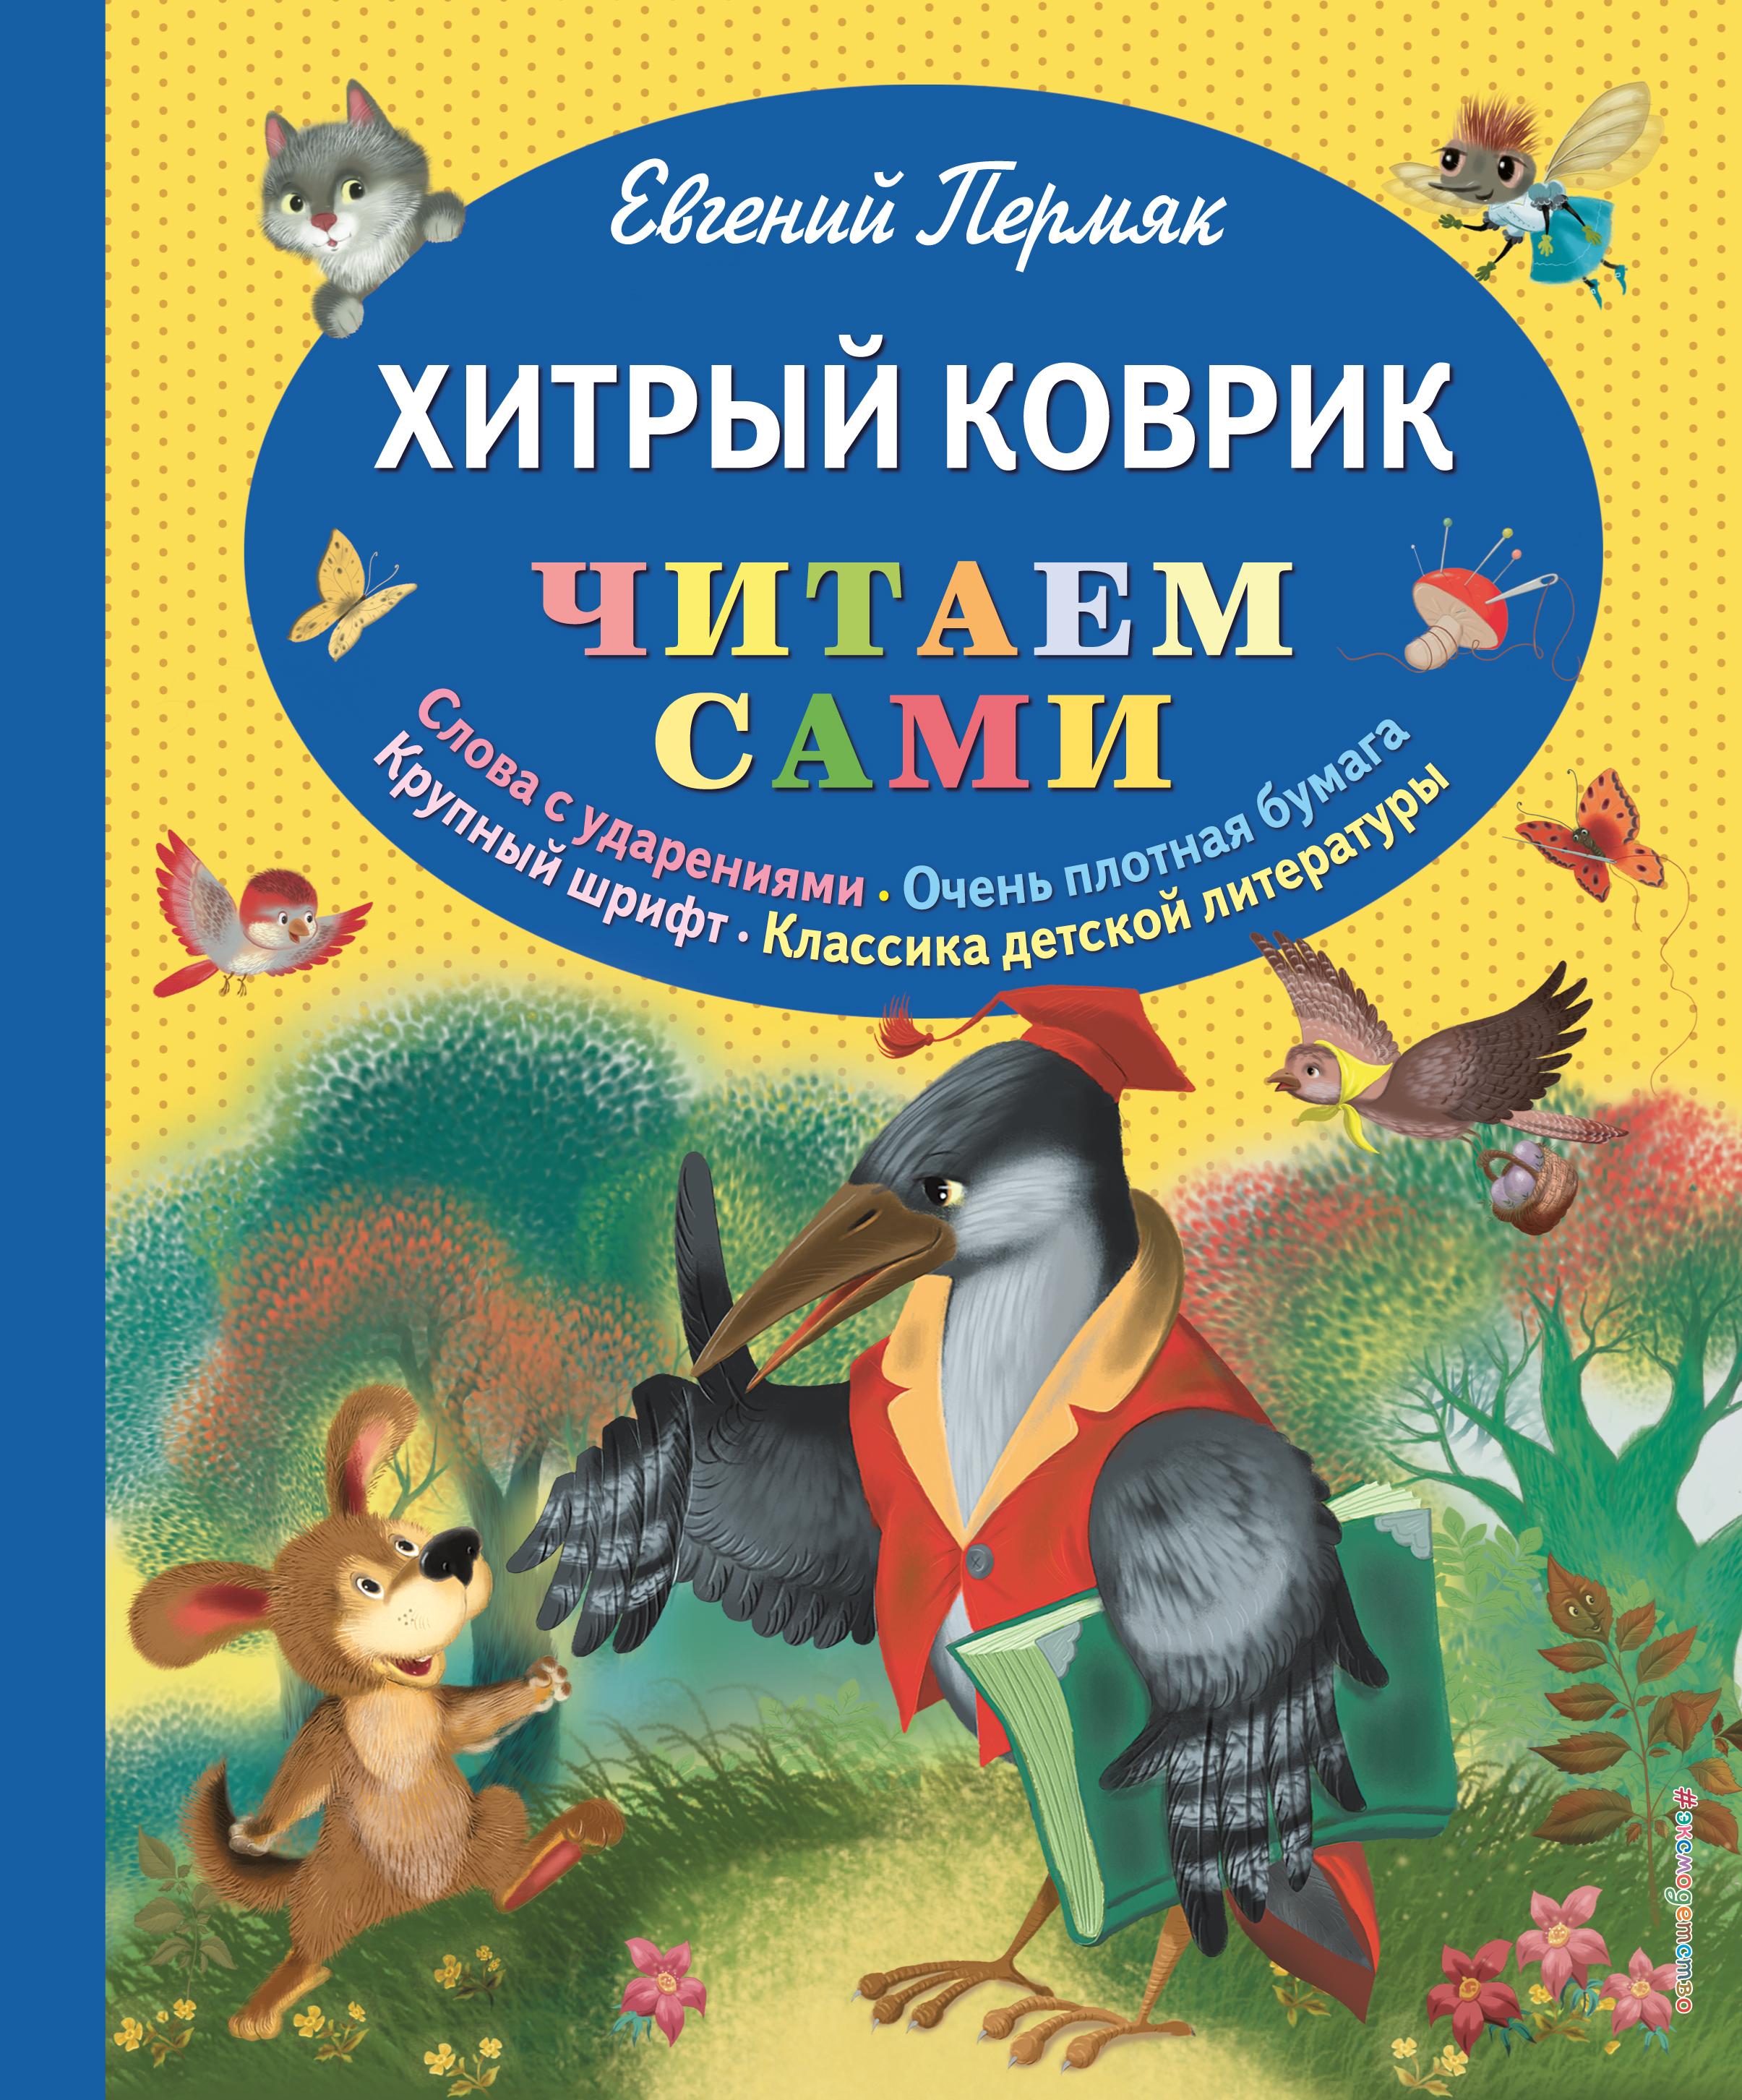 Хитрый коврик: сказки (ил. И. Панкова)